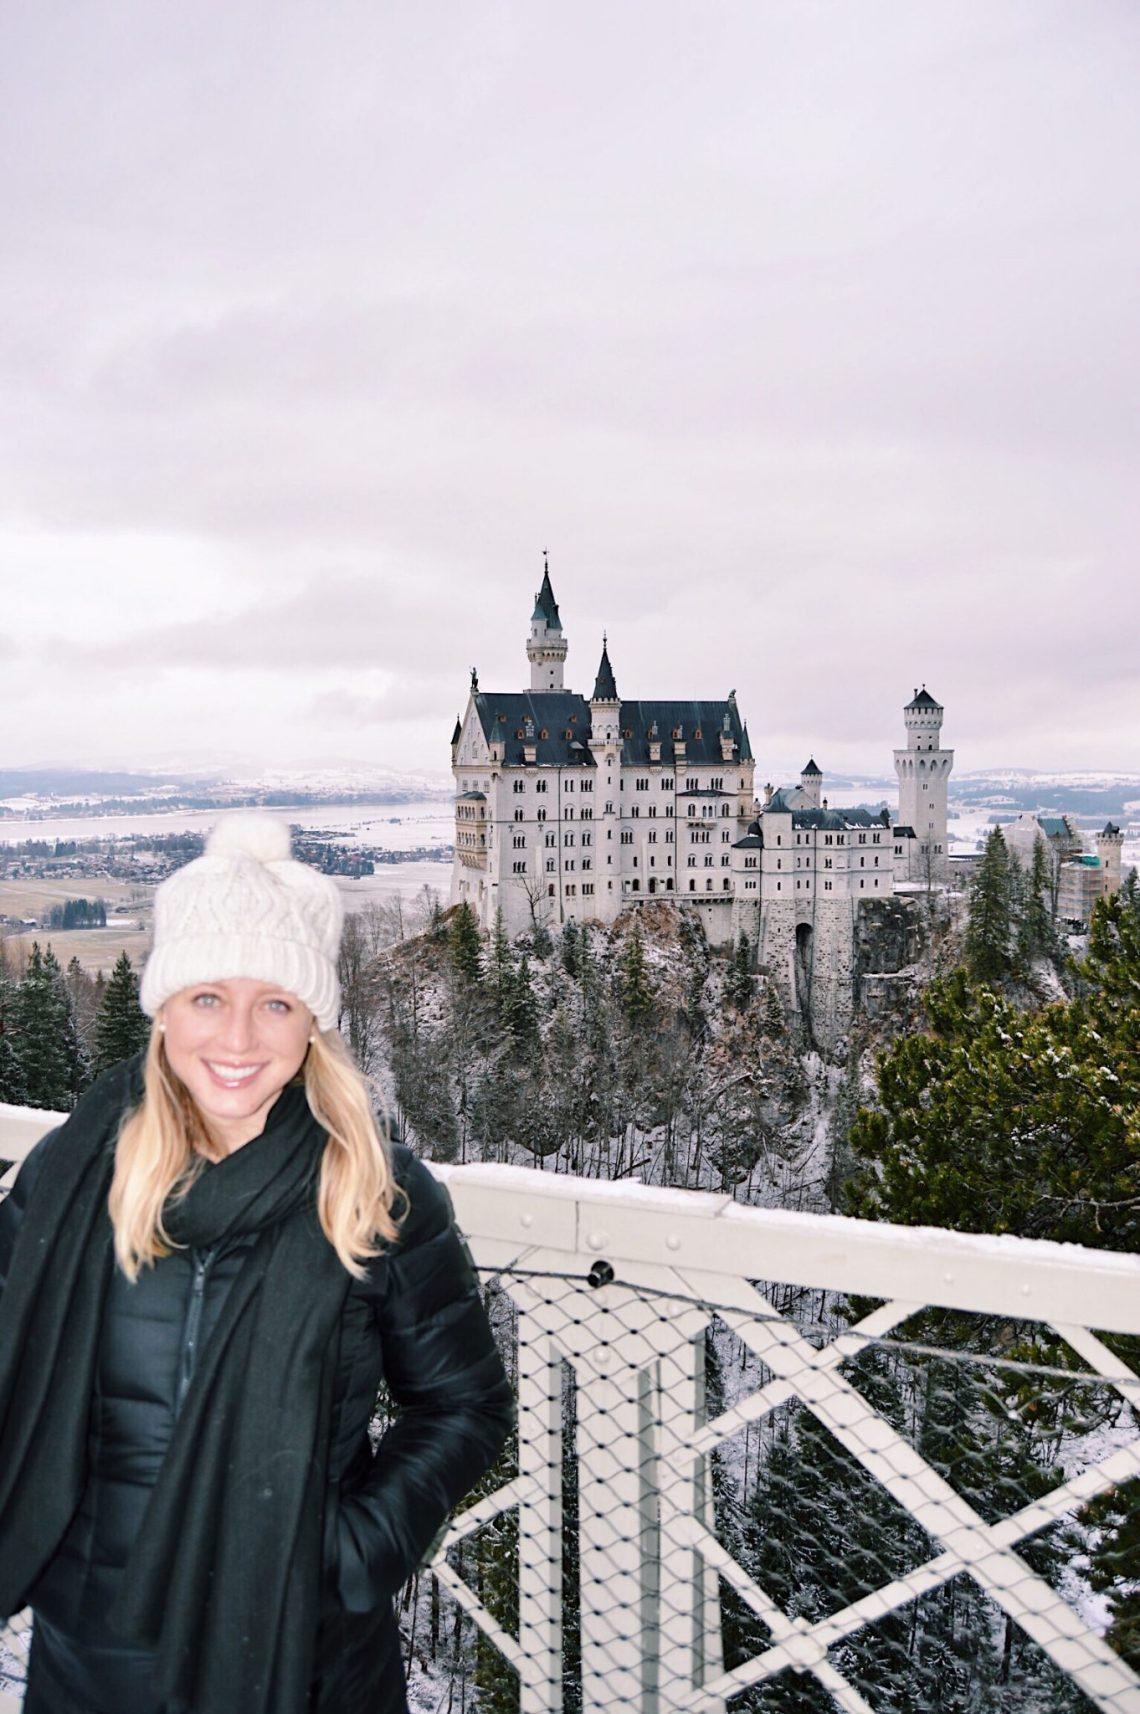 disney castle in germany in winter